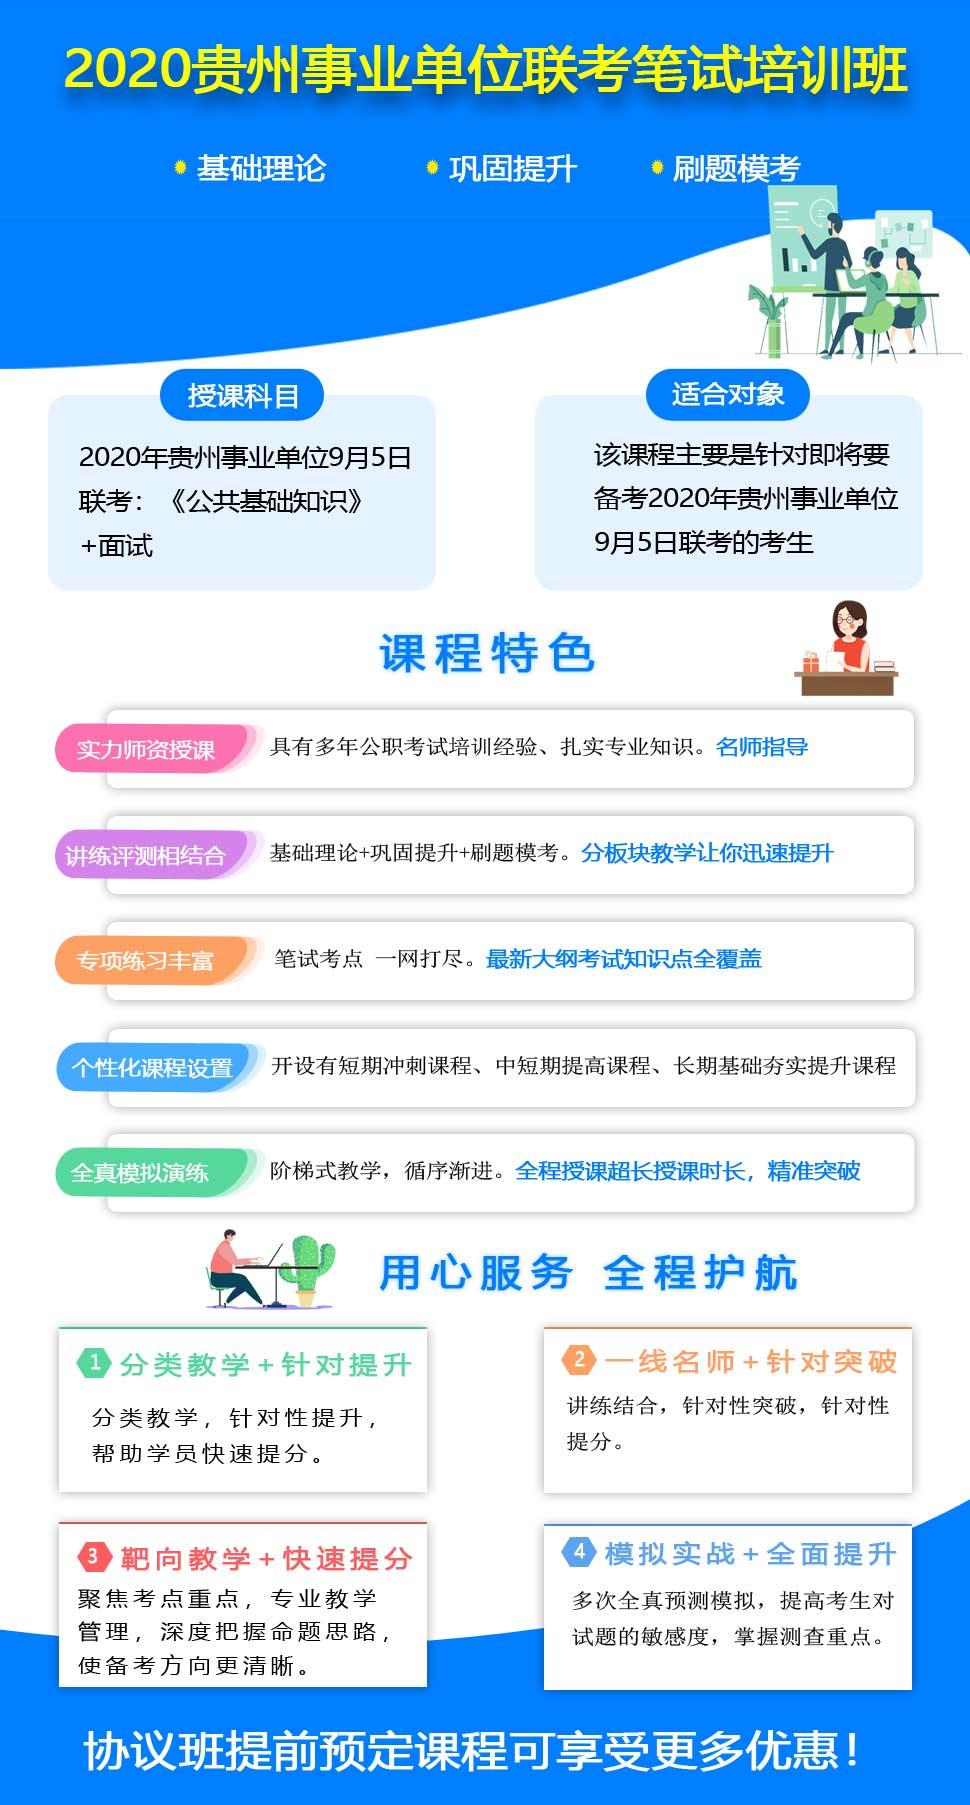 2020年贵州广播电视大学招聘笔试培训课程